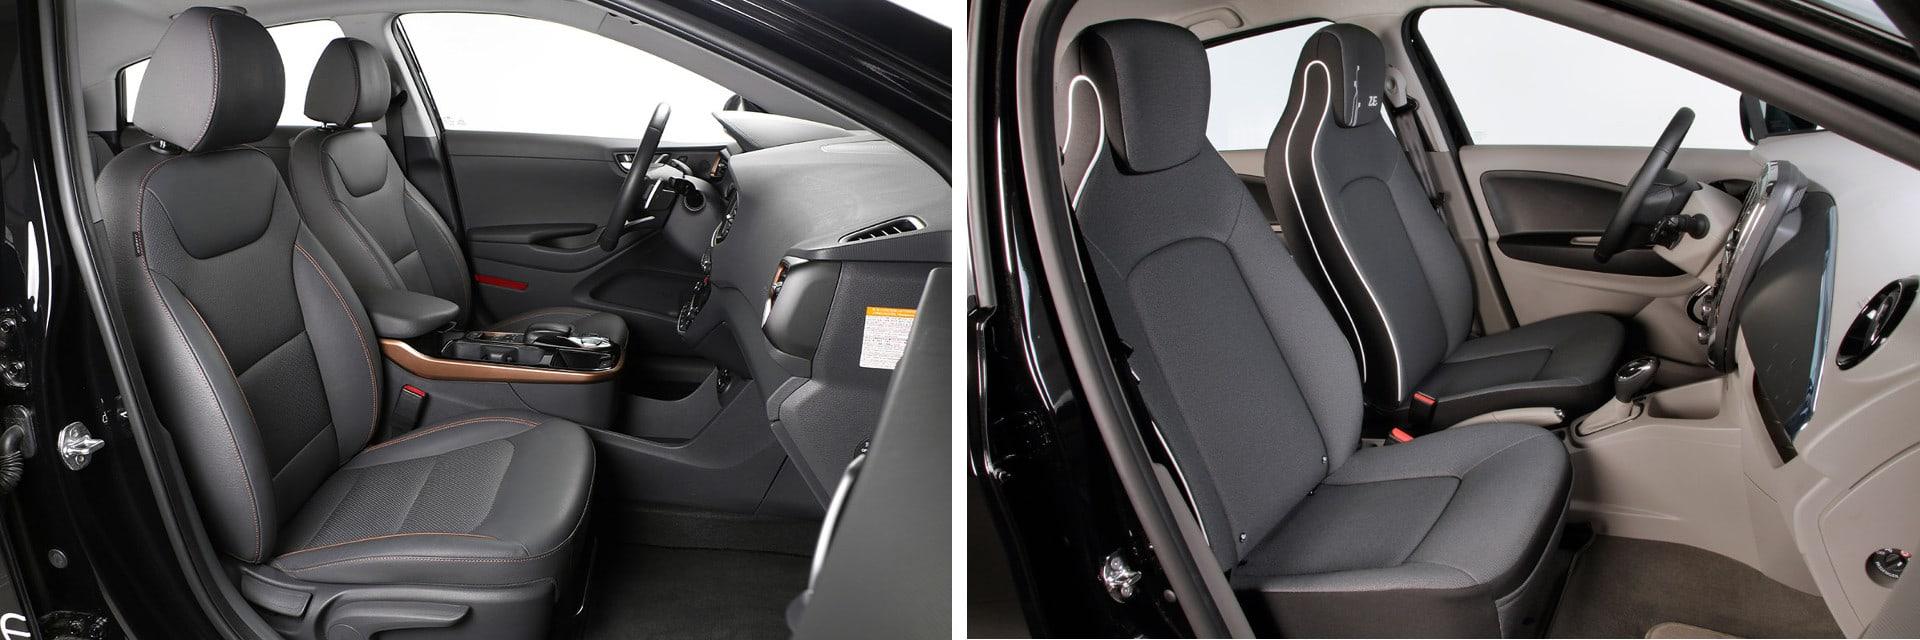 Los asientos del IONIQ (izq.) tienen regulación en altura y en el apoyo lumbar. Los del ZOE (dcha.) no tienen estos ajustes.